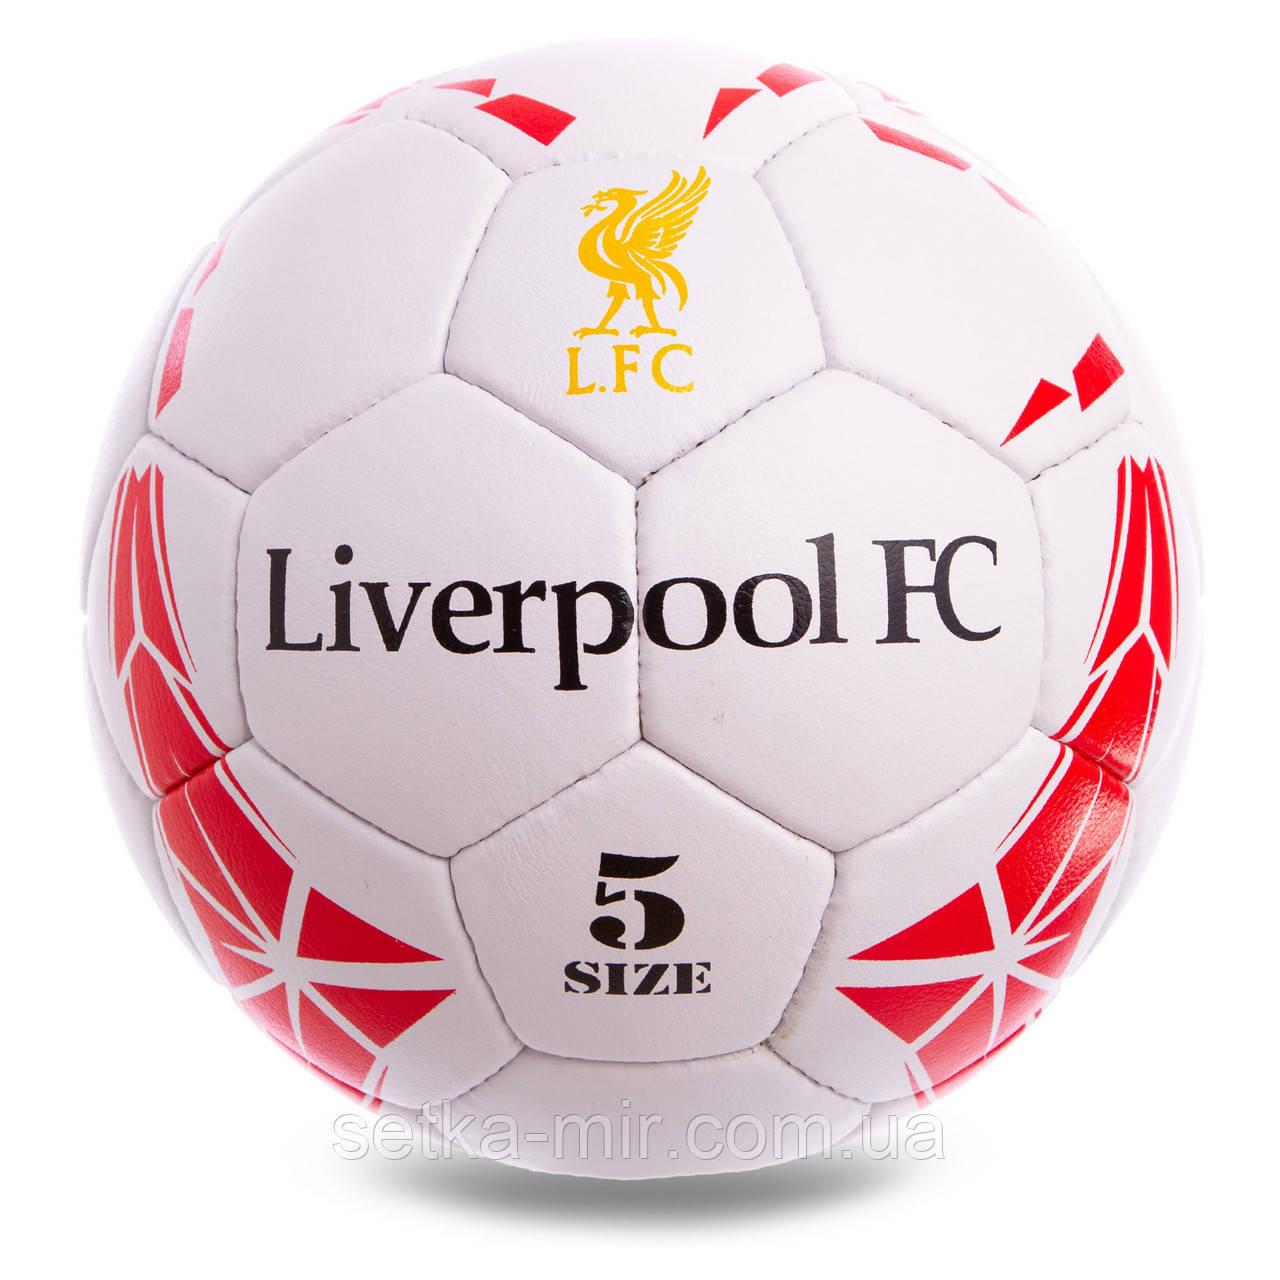 Мяч футбольный №5 Гриппи 5сл. LIVERPOOL FB-0615 (№5, 5 сл., сшит вручную)